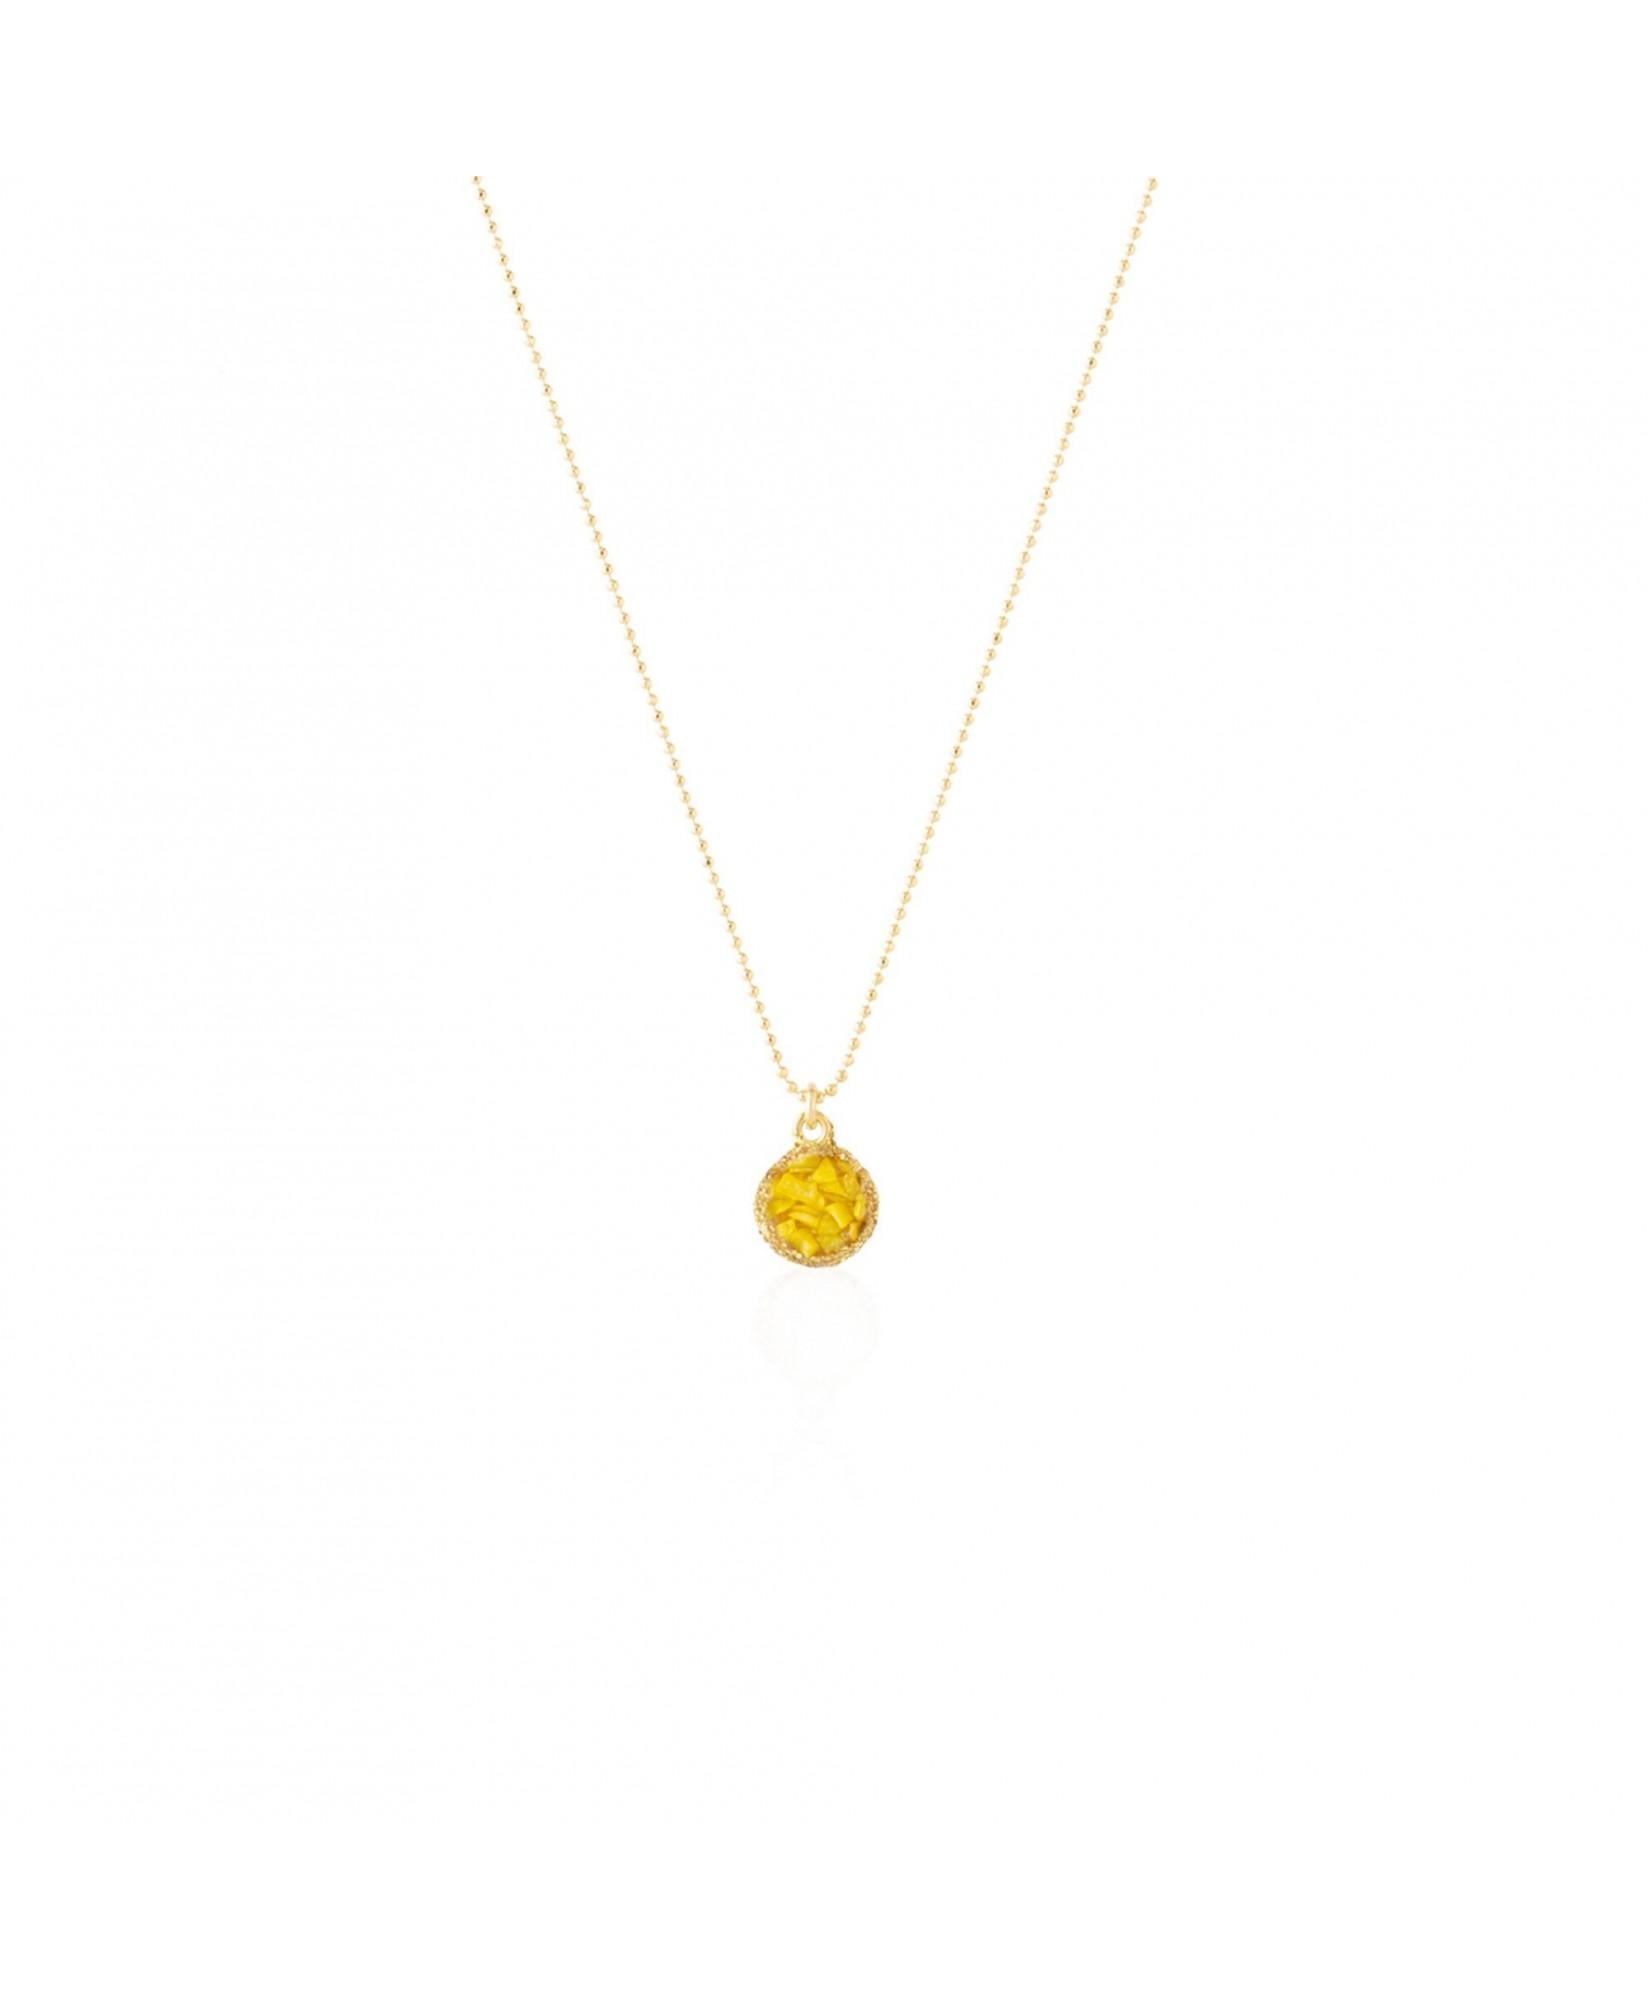 Gargantilla oro con colgante redondo Sun con nácar amarillo Gargantilla oro con colgante redondo Sun con nácar amarillo